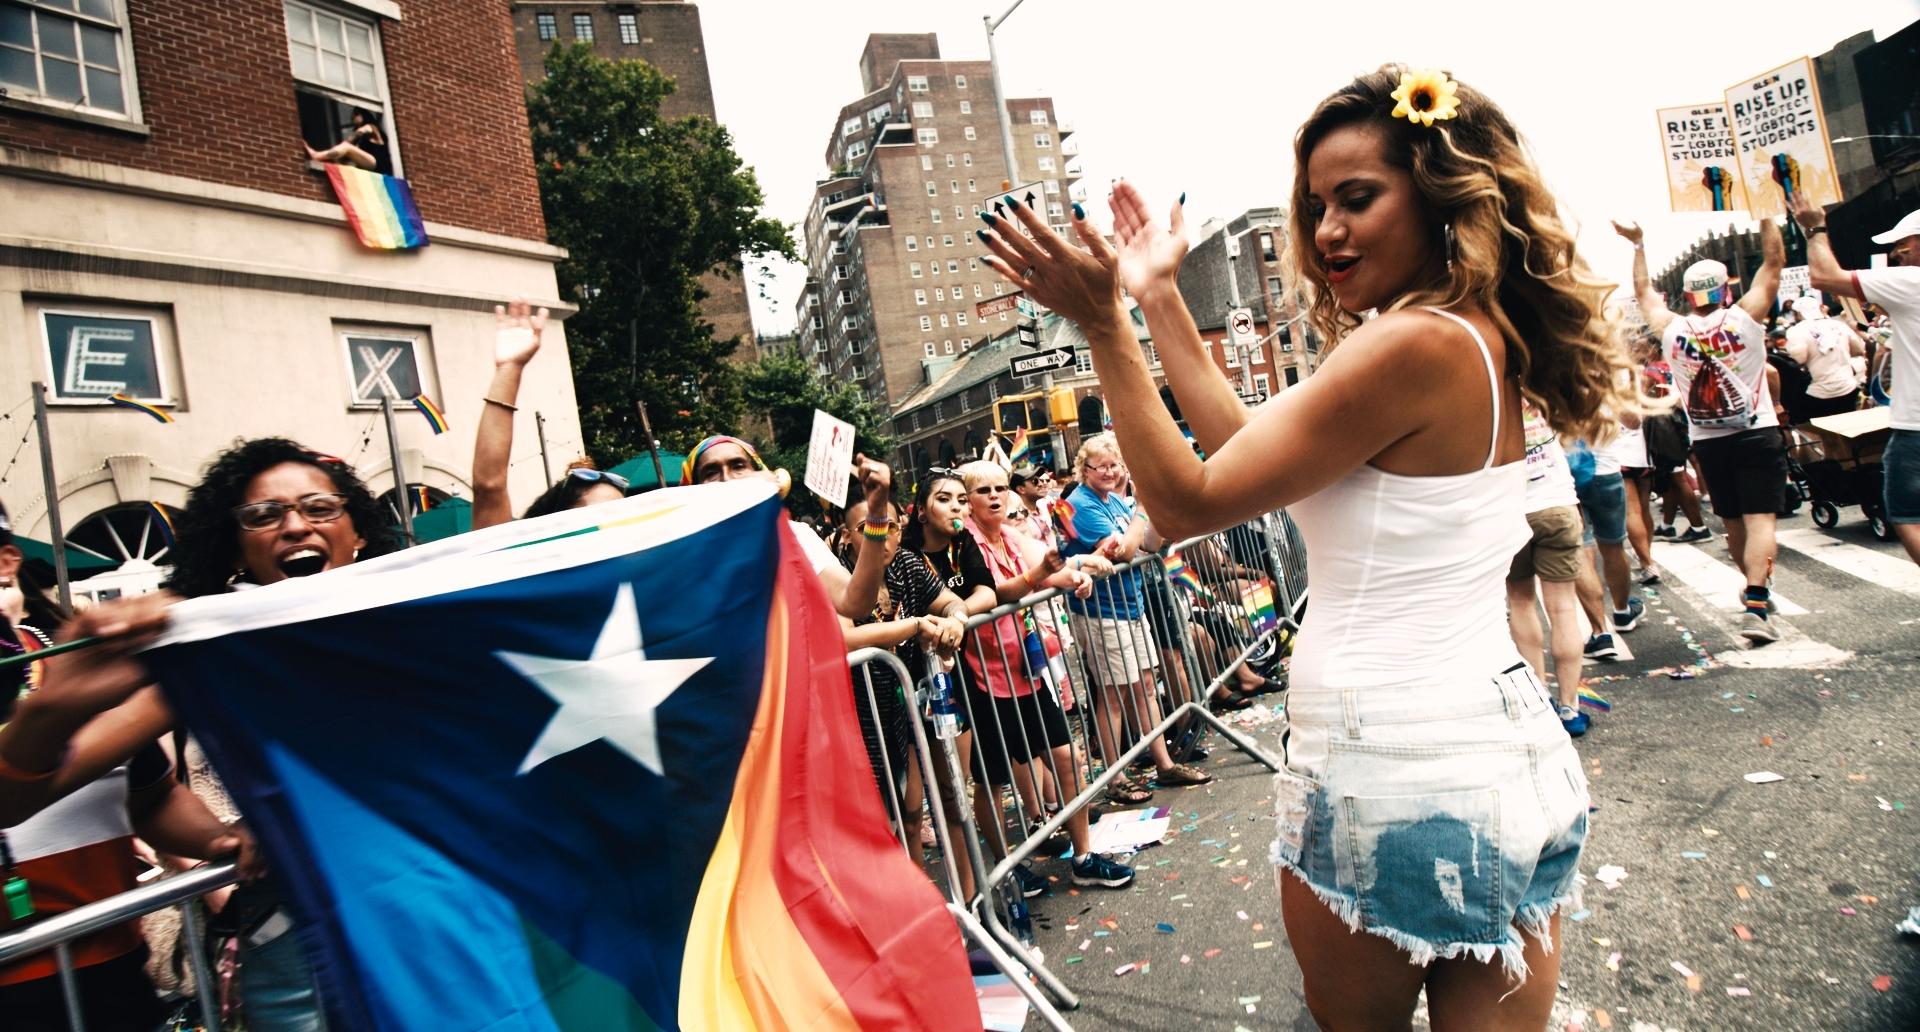 Cantora Amannda lança vídeo manifesto contando a história de Stone Wall